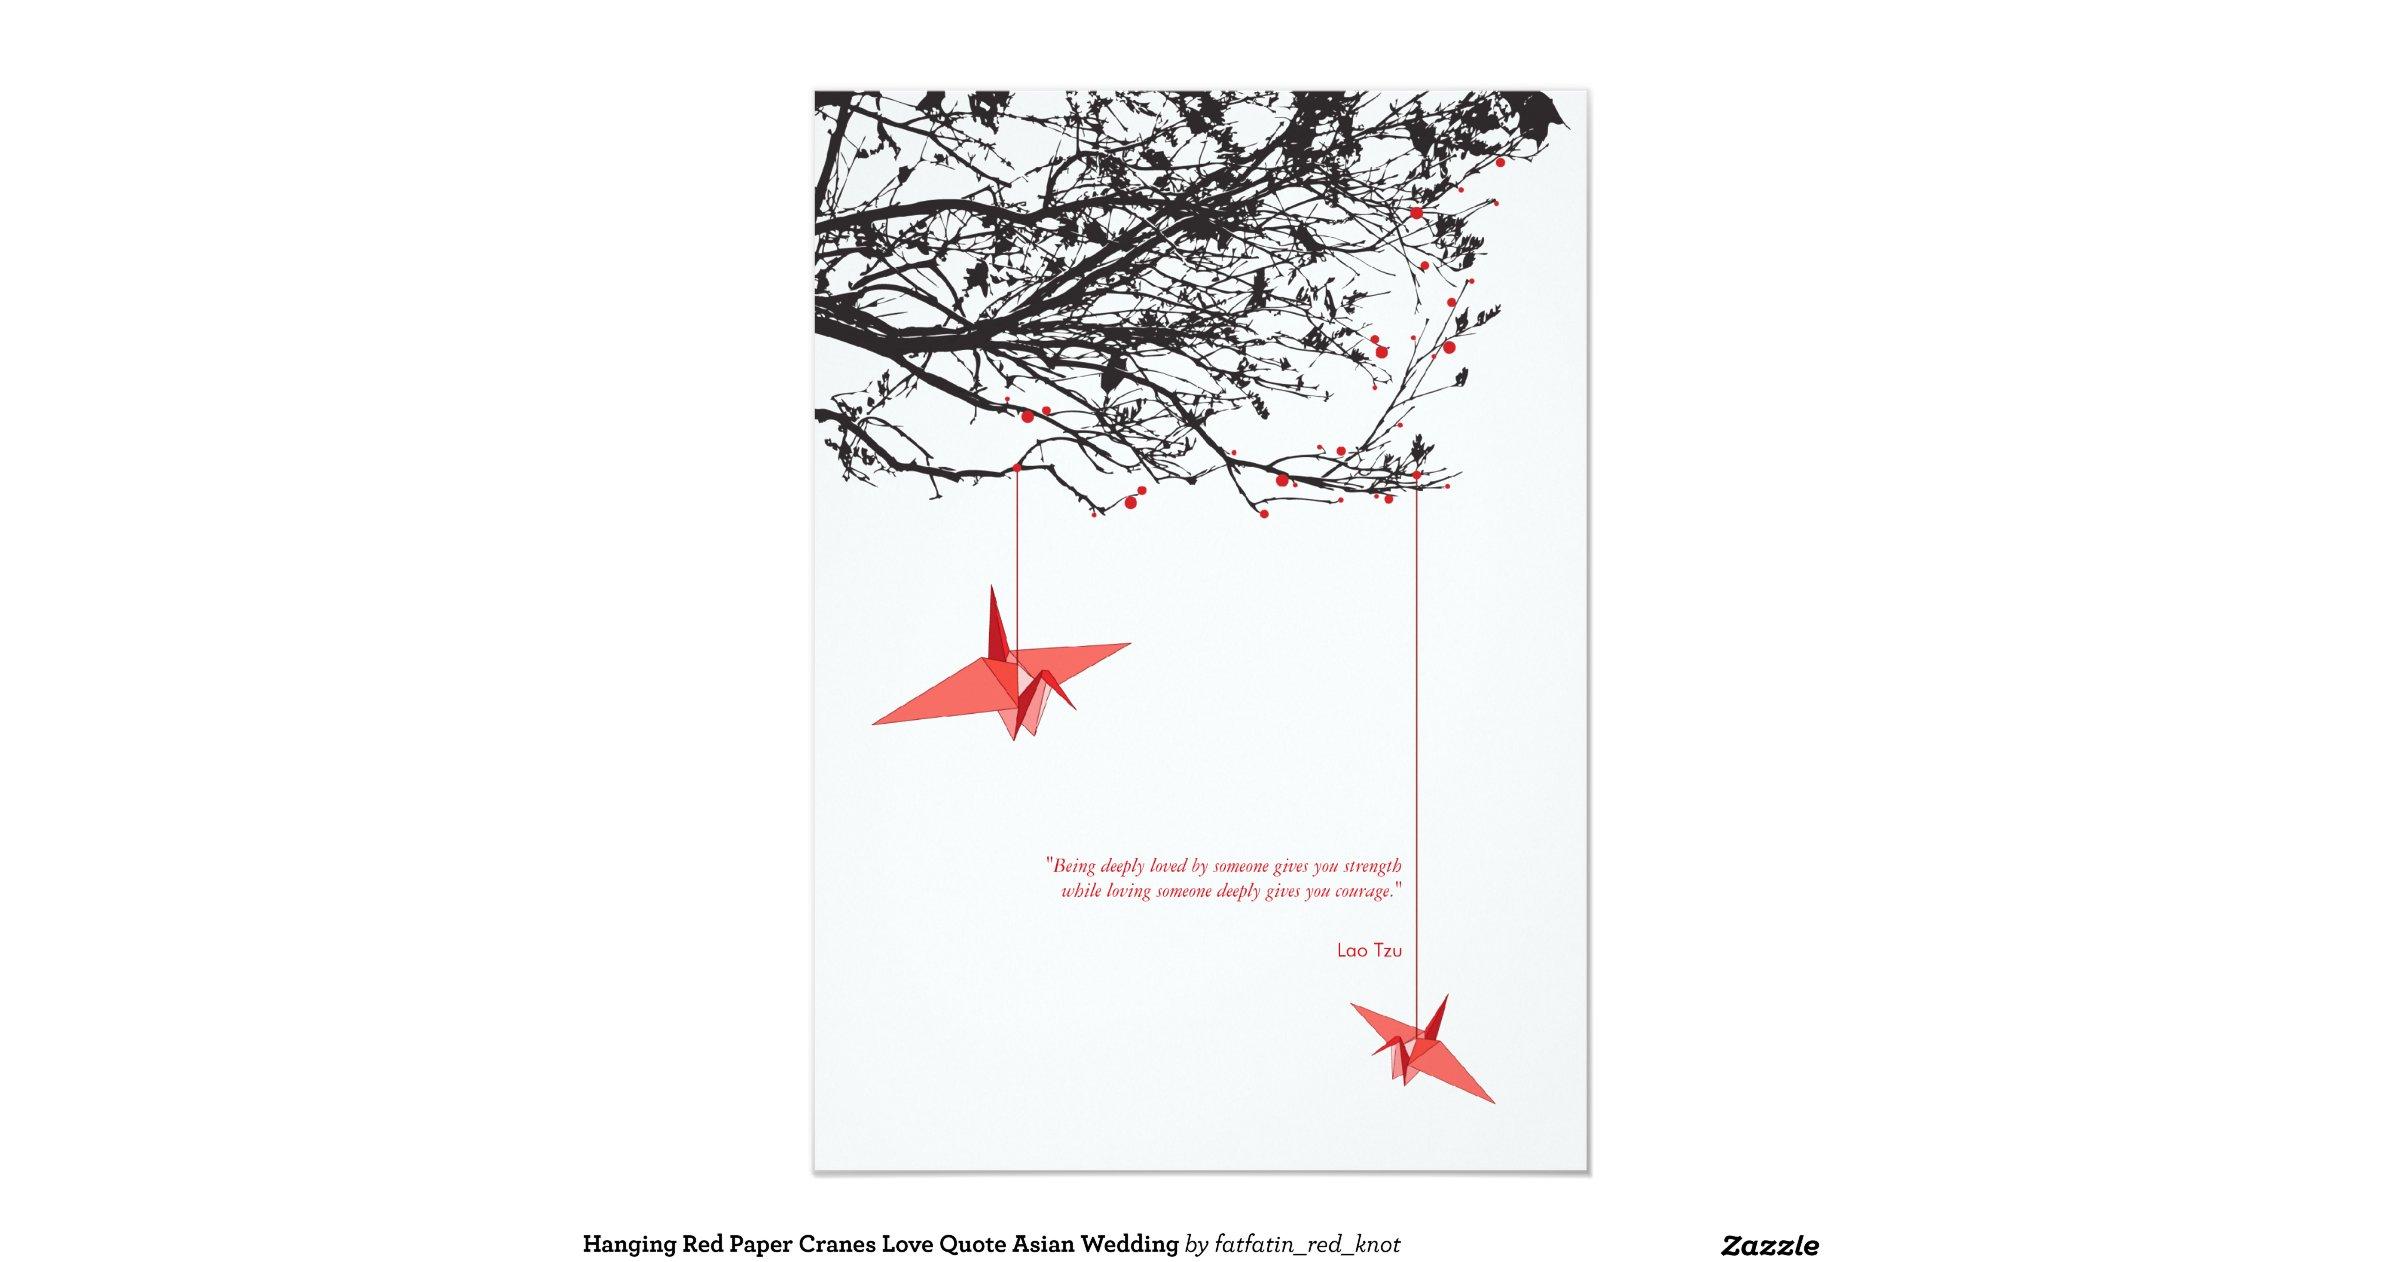 wedding invitations origami crane - 28 images - purple paper cranes ...